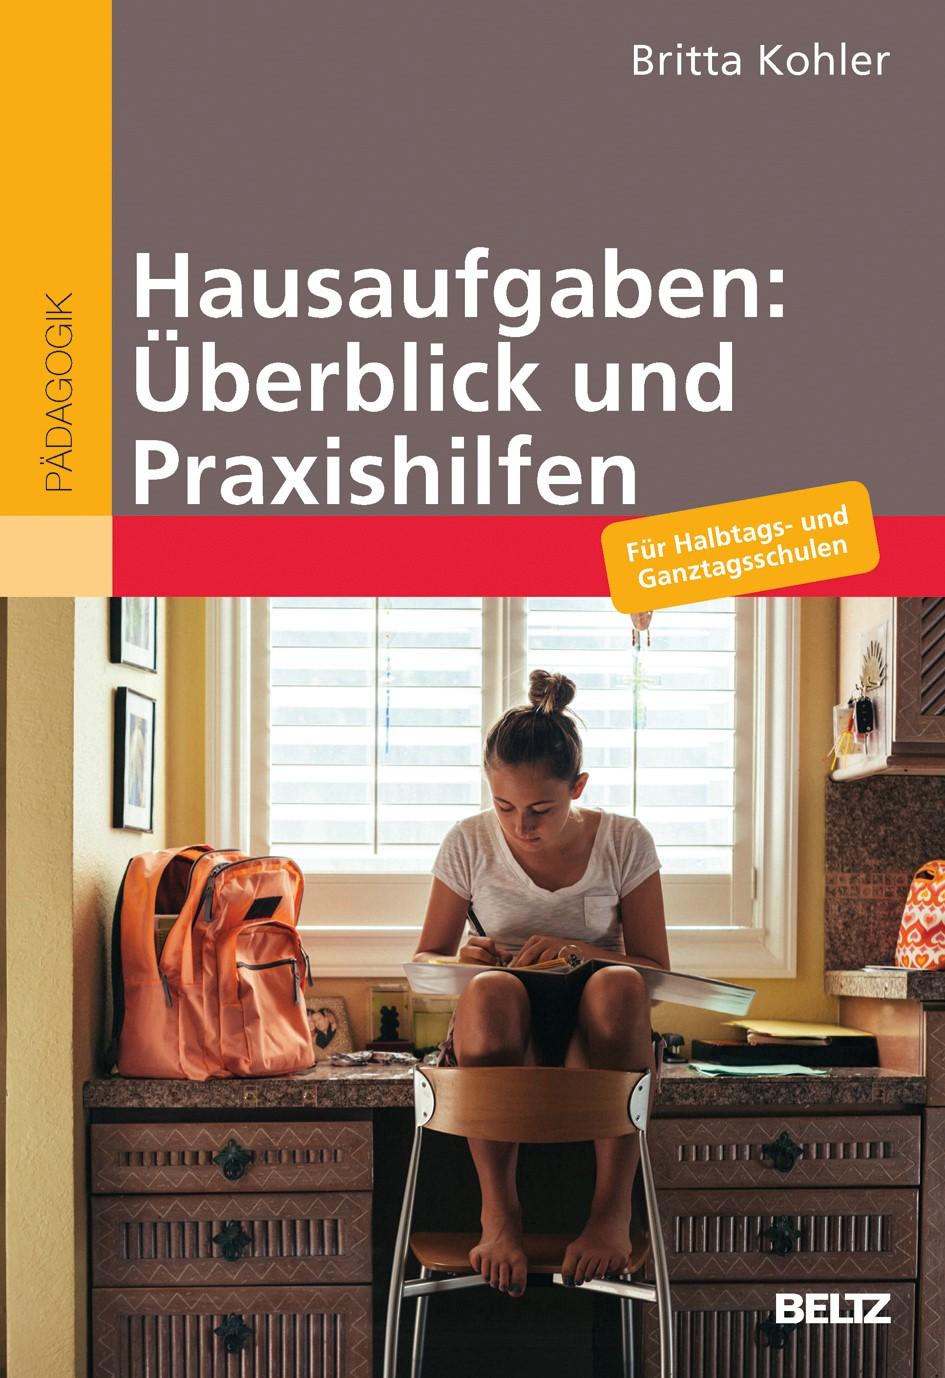 Hausaufgaben: Überblick und Praxishilfen | Kohler, 2017 | Buch (Cover)